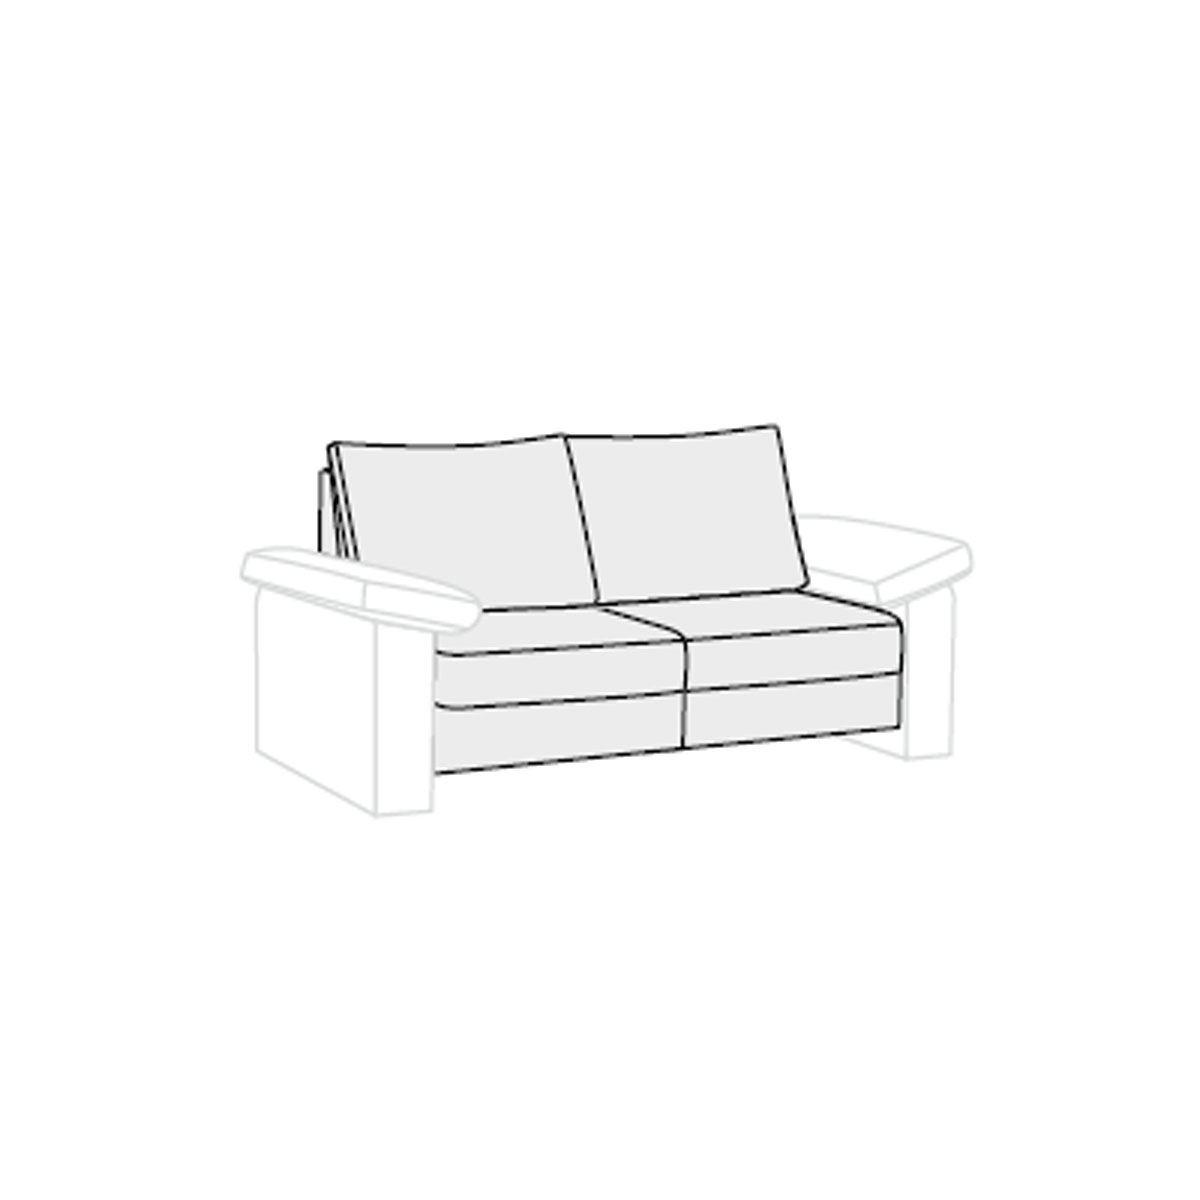 Möbel Online Shop, Einrichtung und Möbel von Alco-Moebel.de